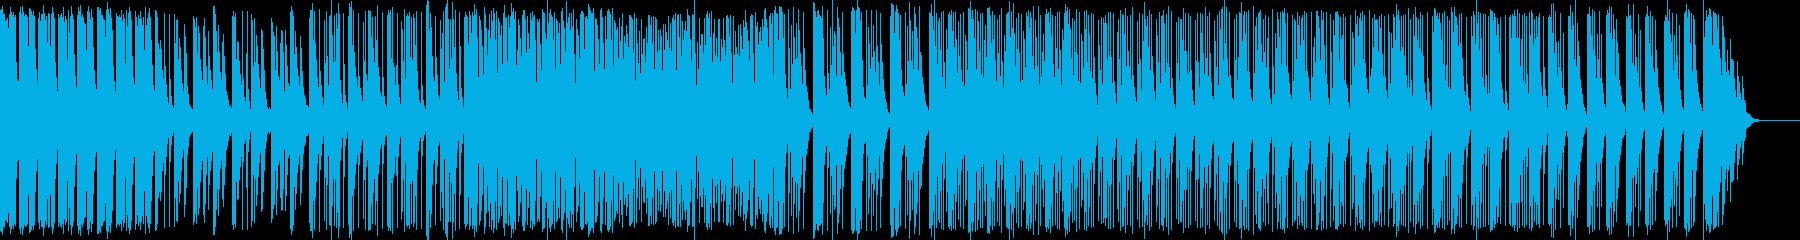 和風料理店に合う琴の音楽2(琴のみ)の再生済みの波形